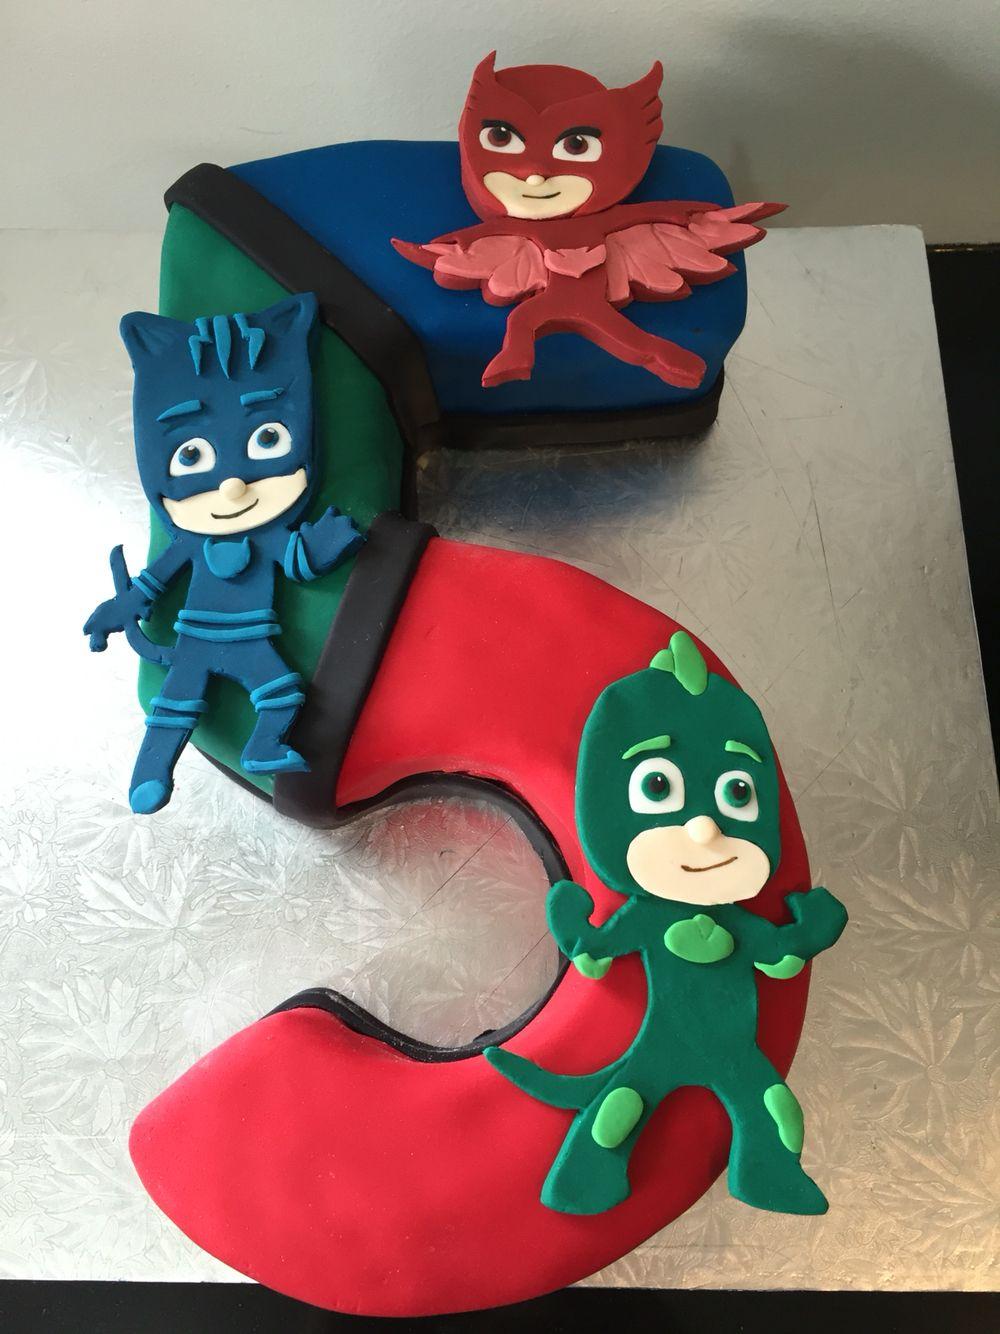 Pj masks cake pjmasks pj masks birthday cake pj masks